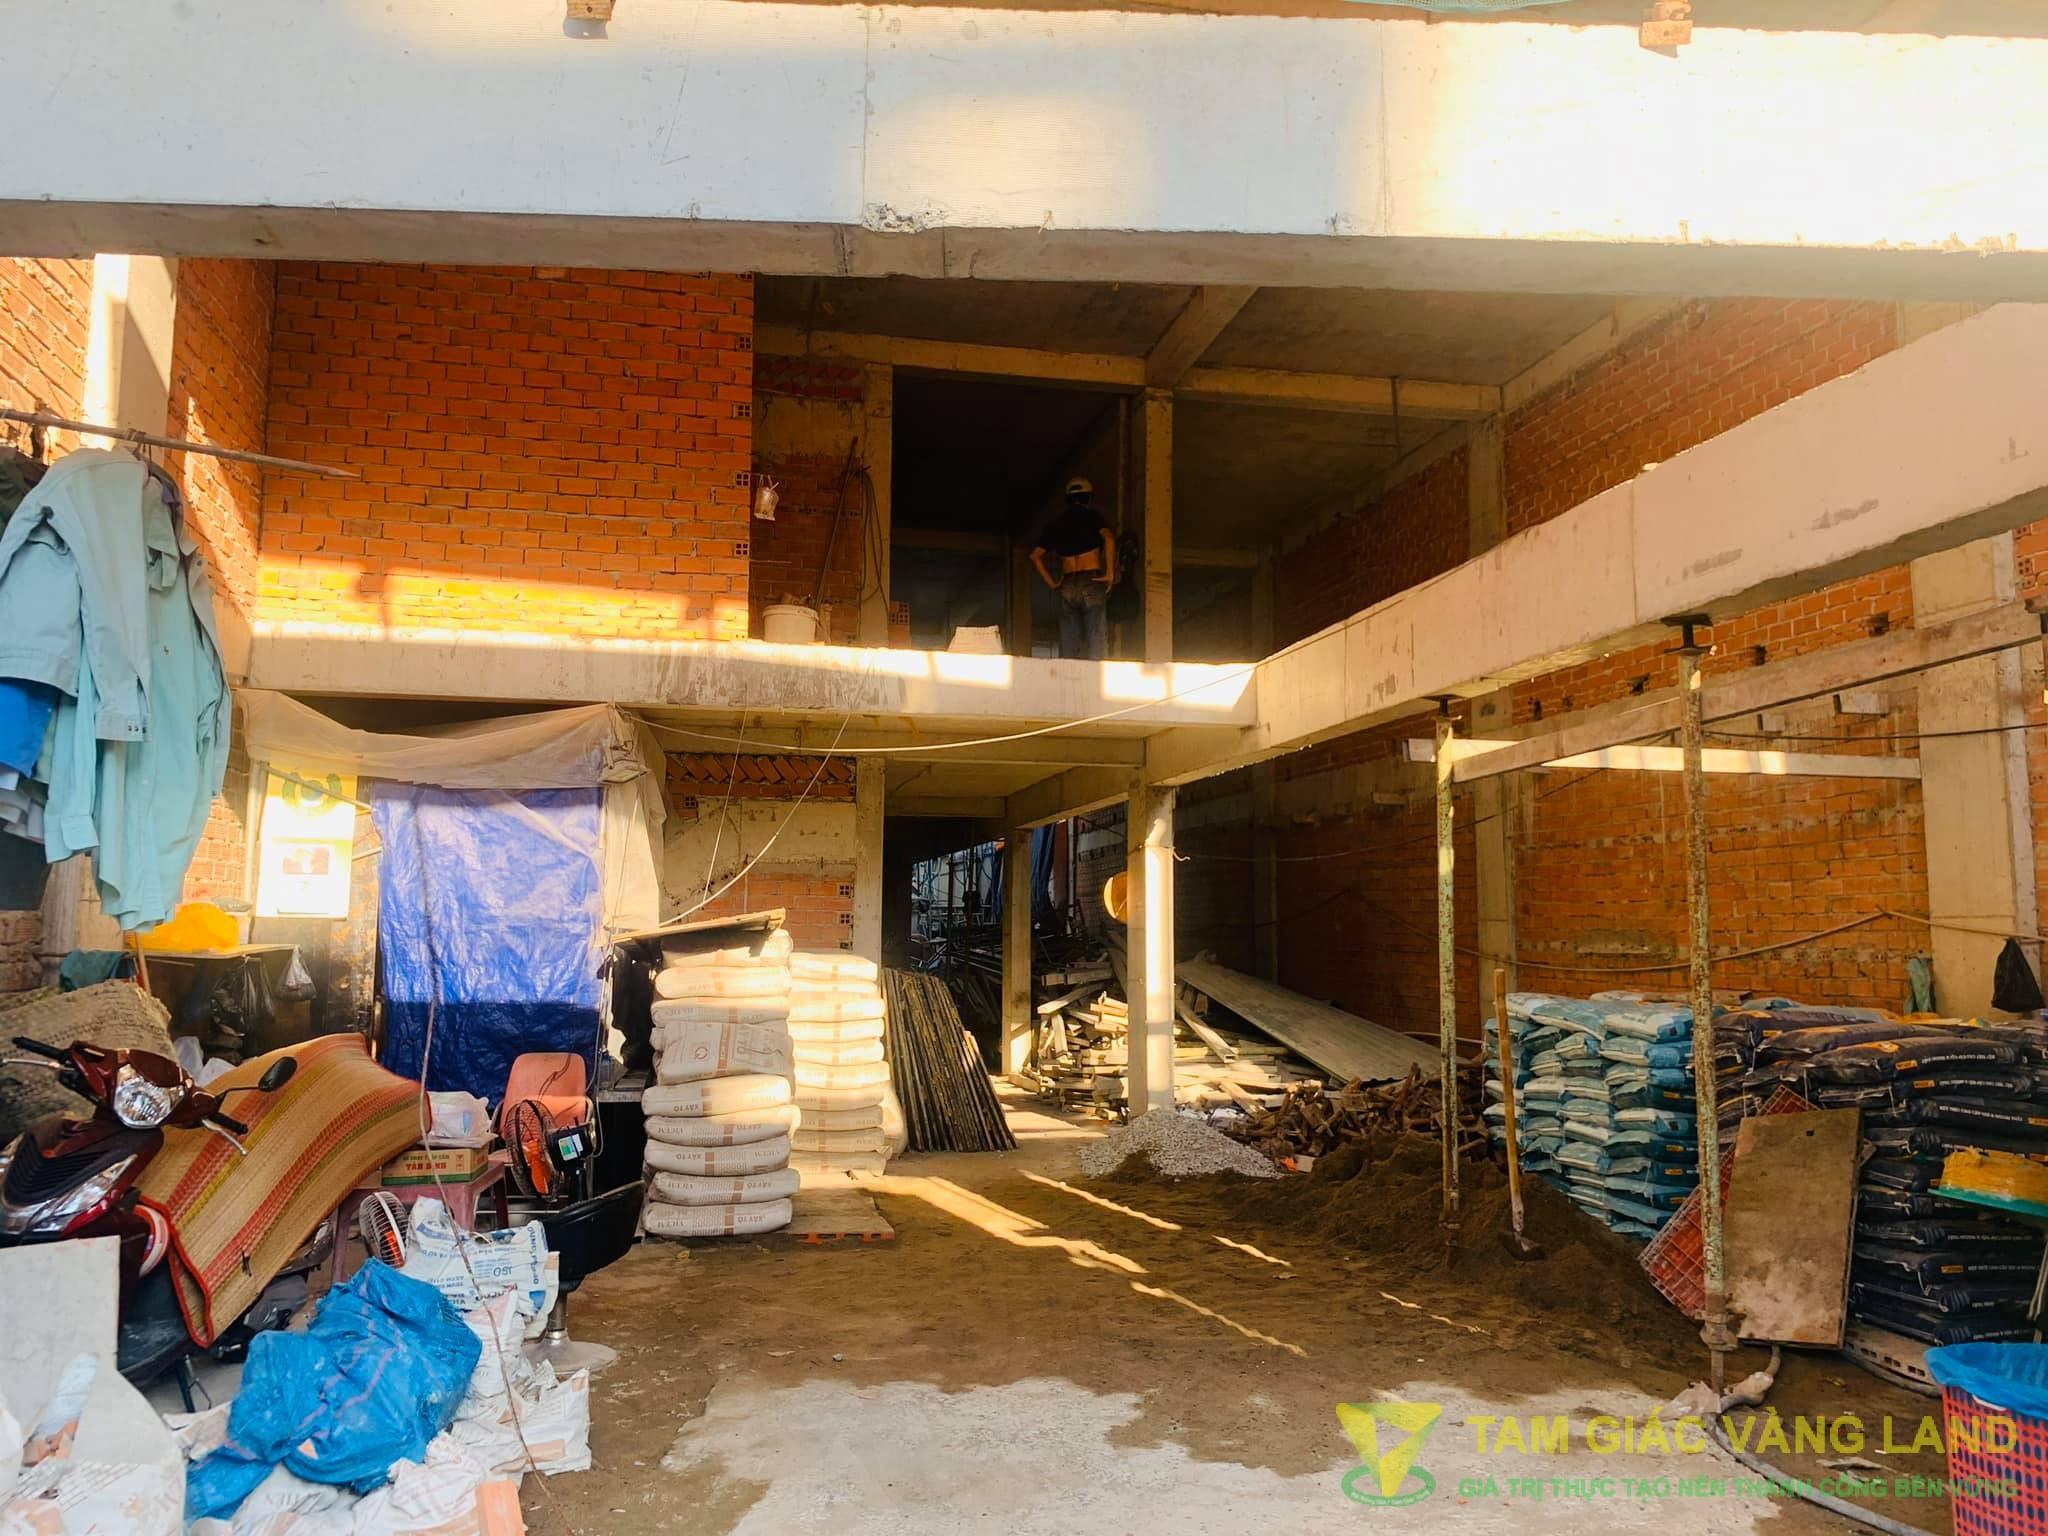 Cho thuê nhà mặt tiền đường Lũy Bán Bích, Phường Phú Thạnh, Quận Tân Phú, DT 8.8x22m, 1 trệt 1 lững 5 lầu, Giá 200 triệu/tháng